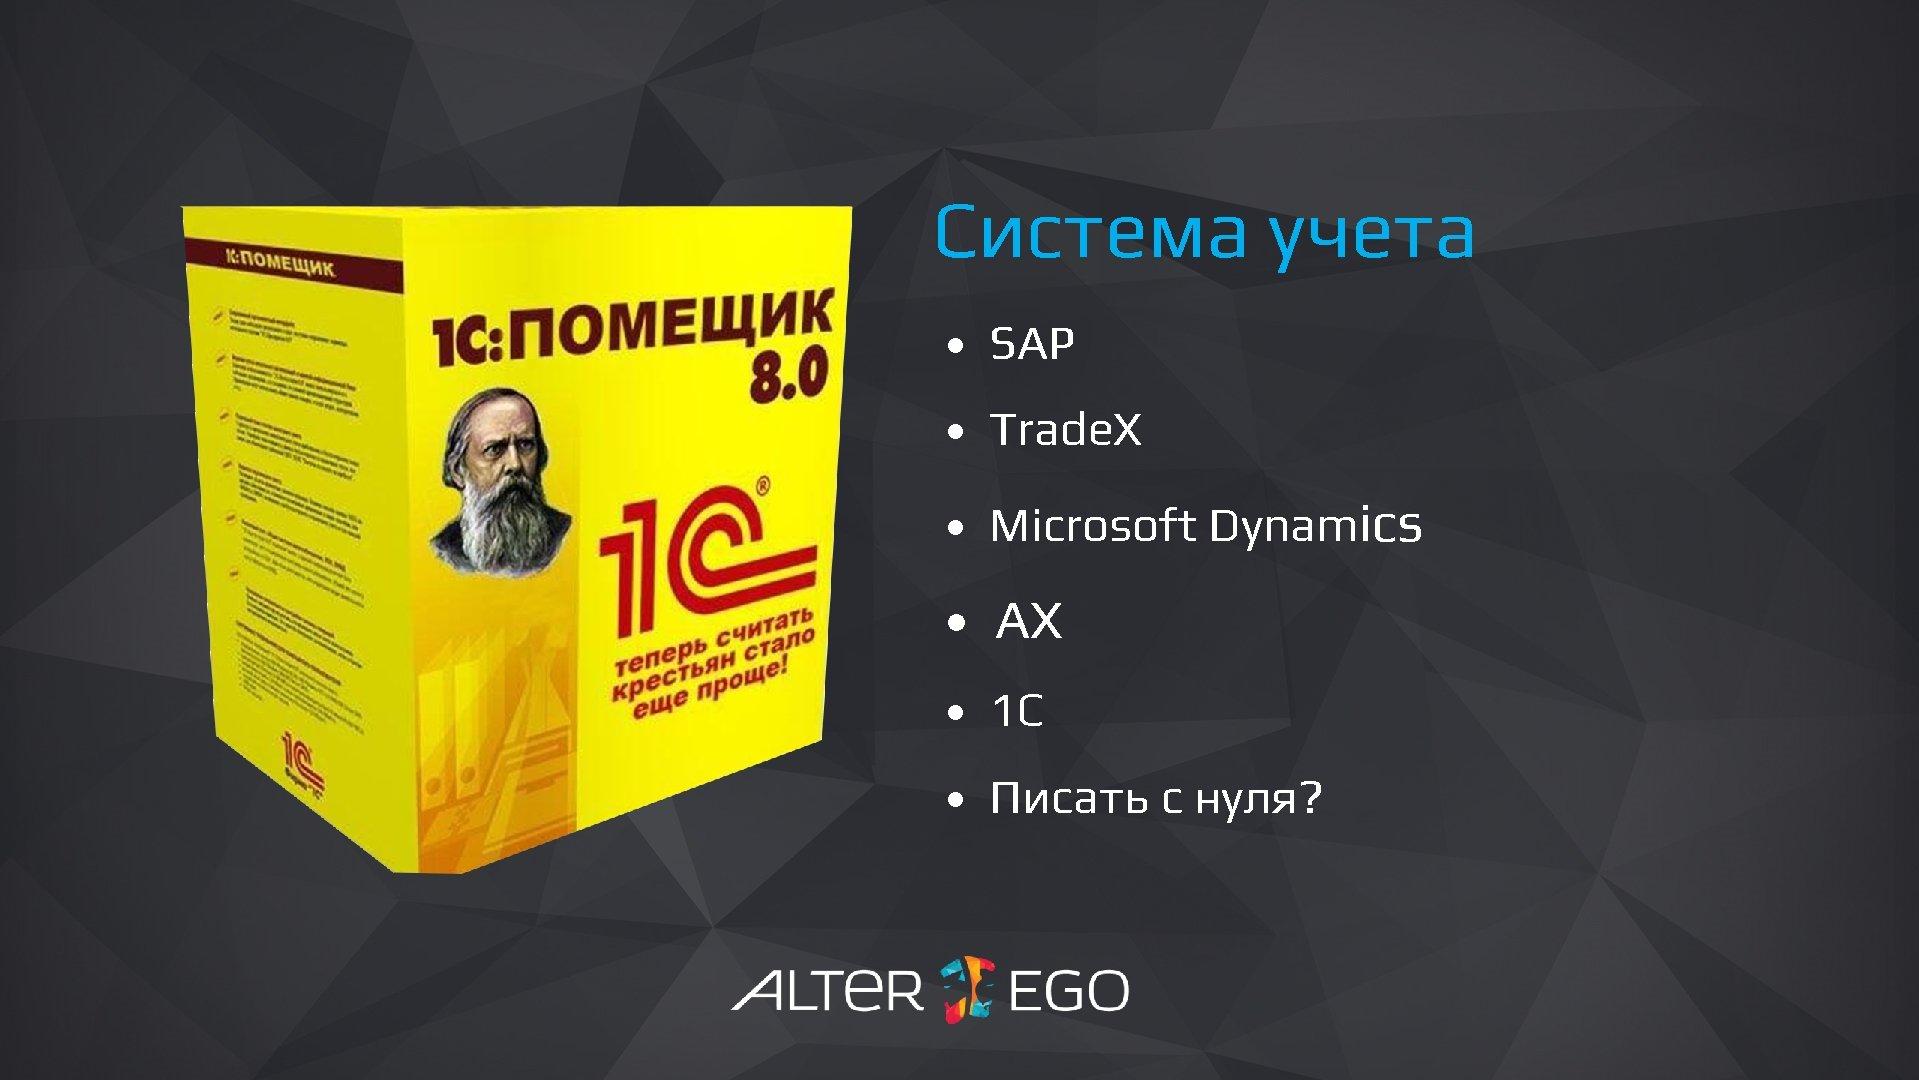 Система учета • SAP • Trade. X • Microsoft Dynamics • AX • 1